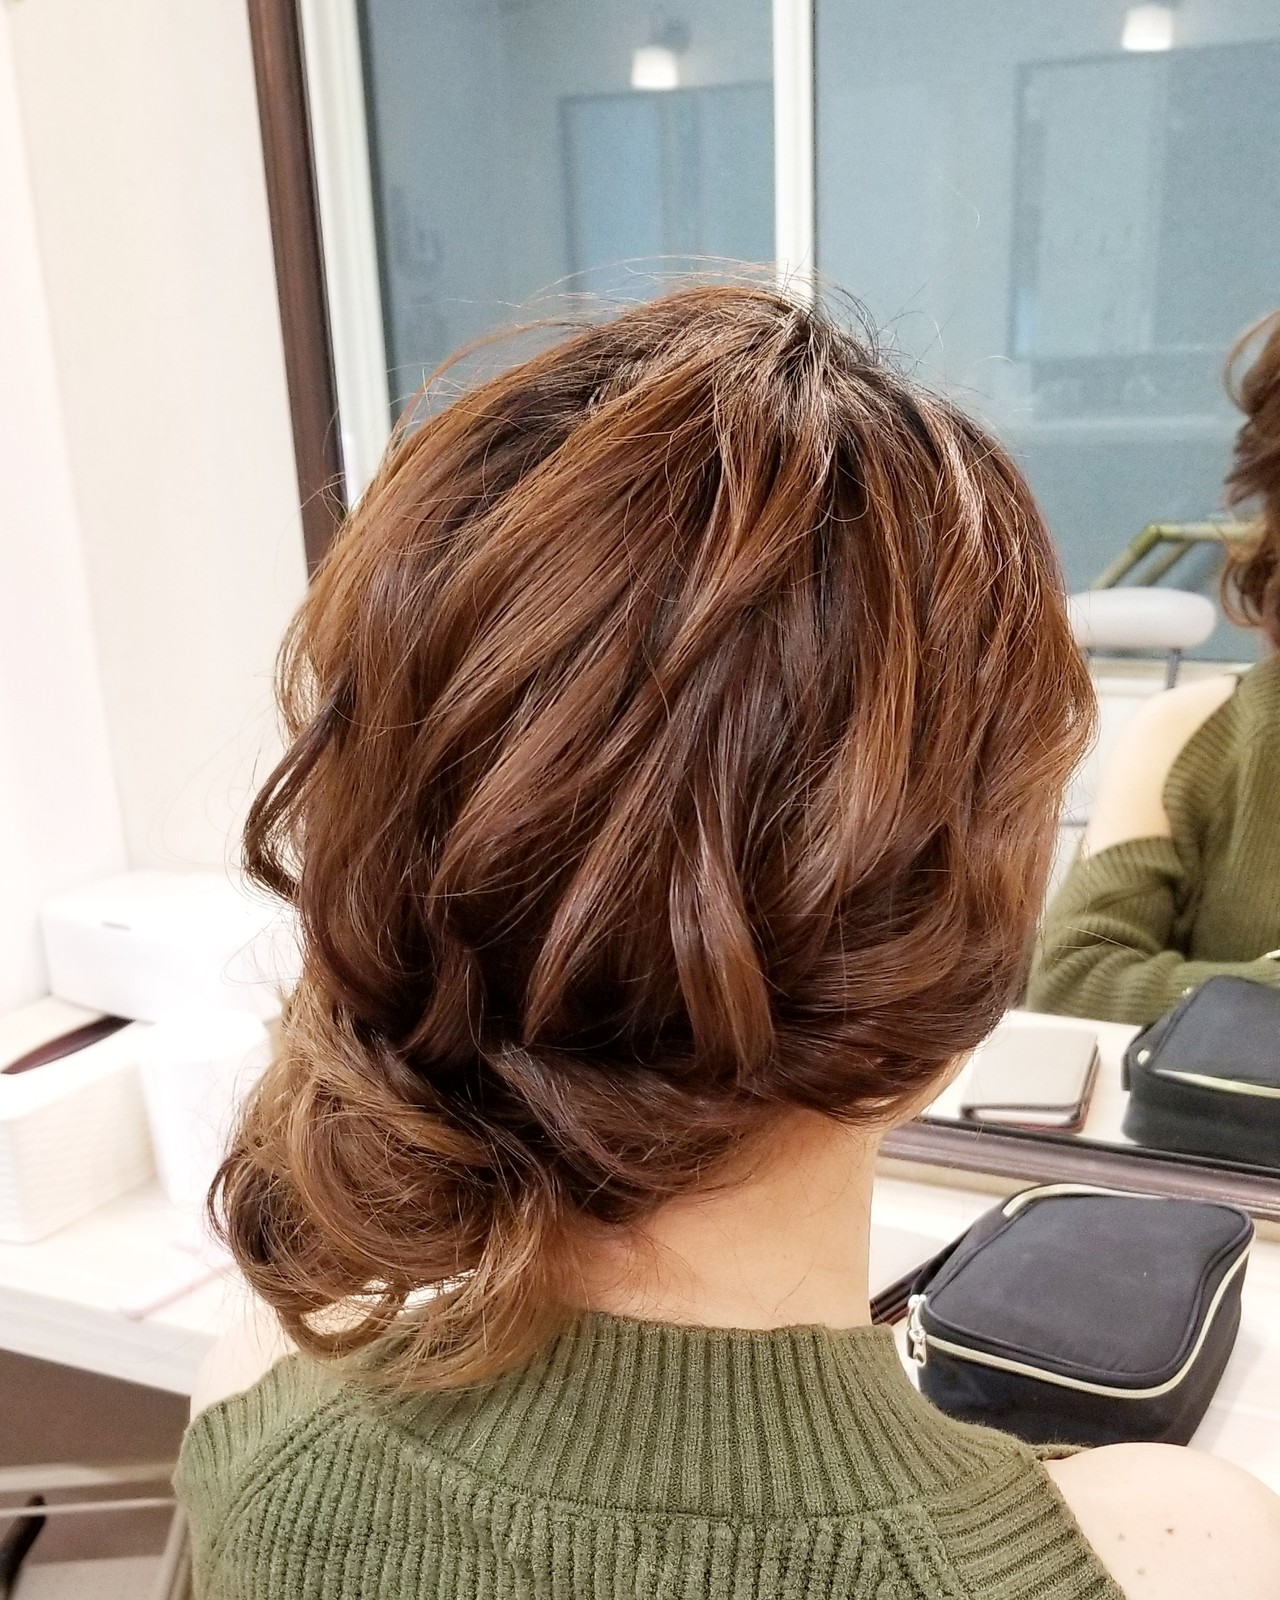 ナチュラル ロング ヘアスタイルや髪型の写真・画像 | chinatsu / hair set haar